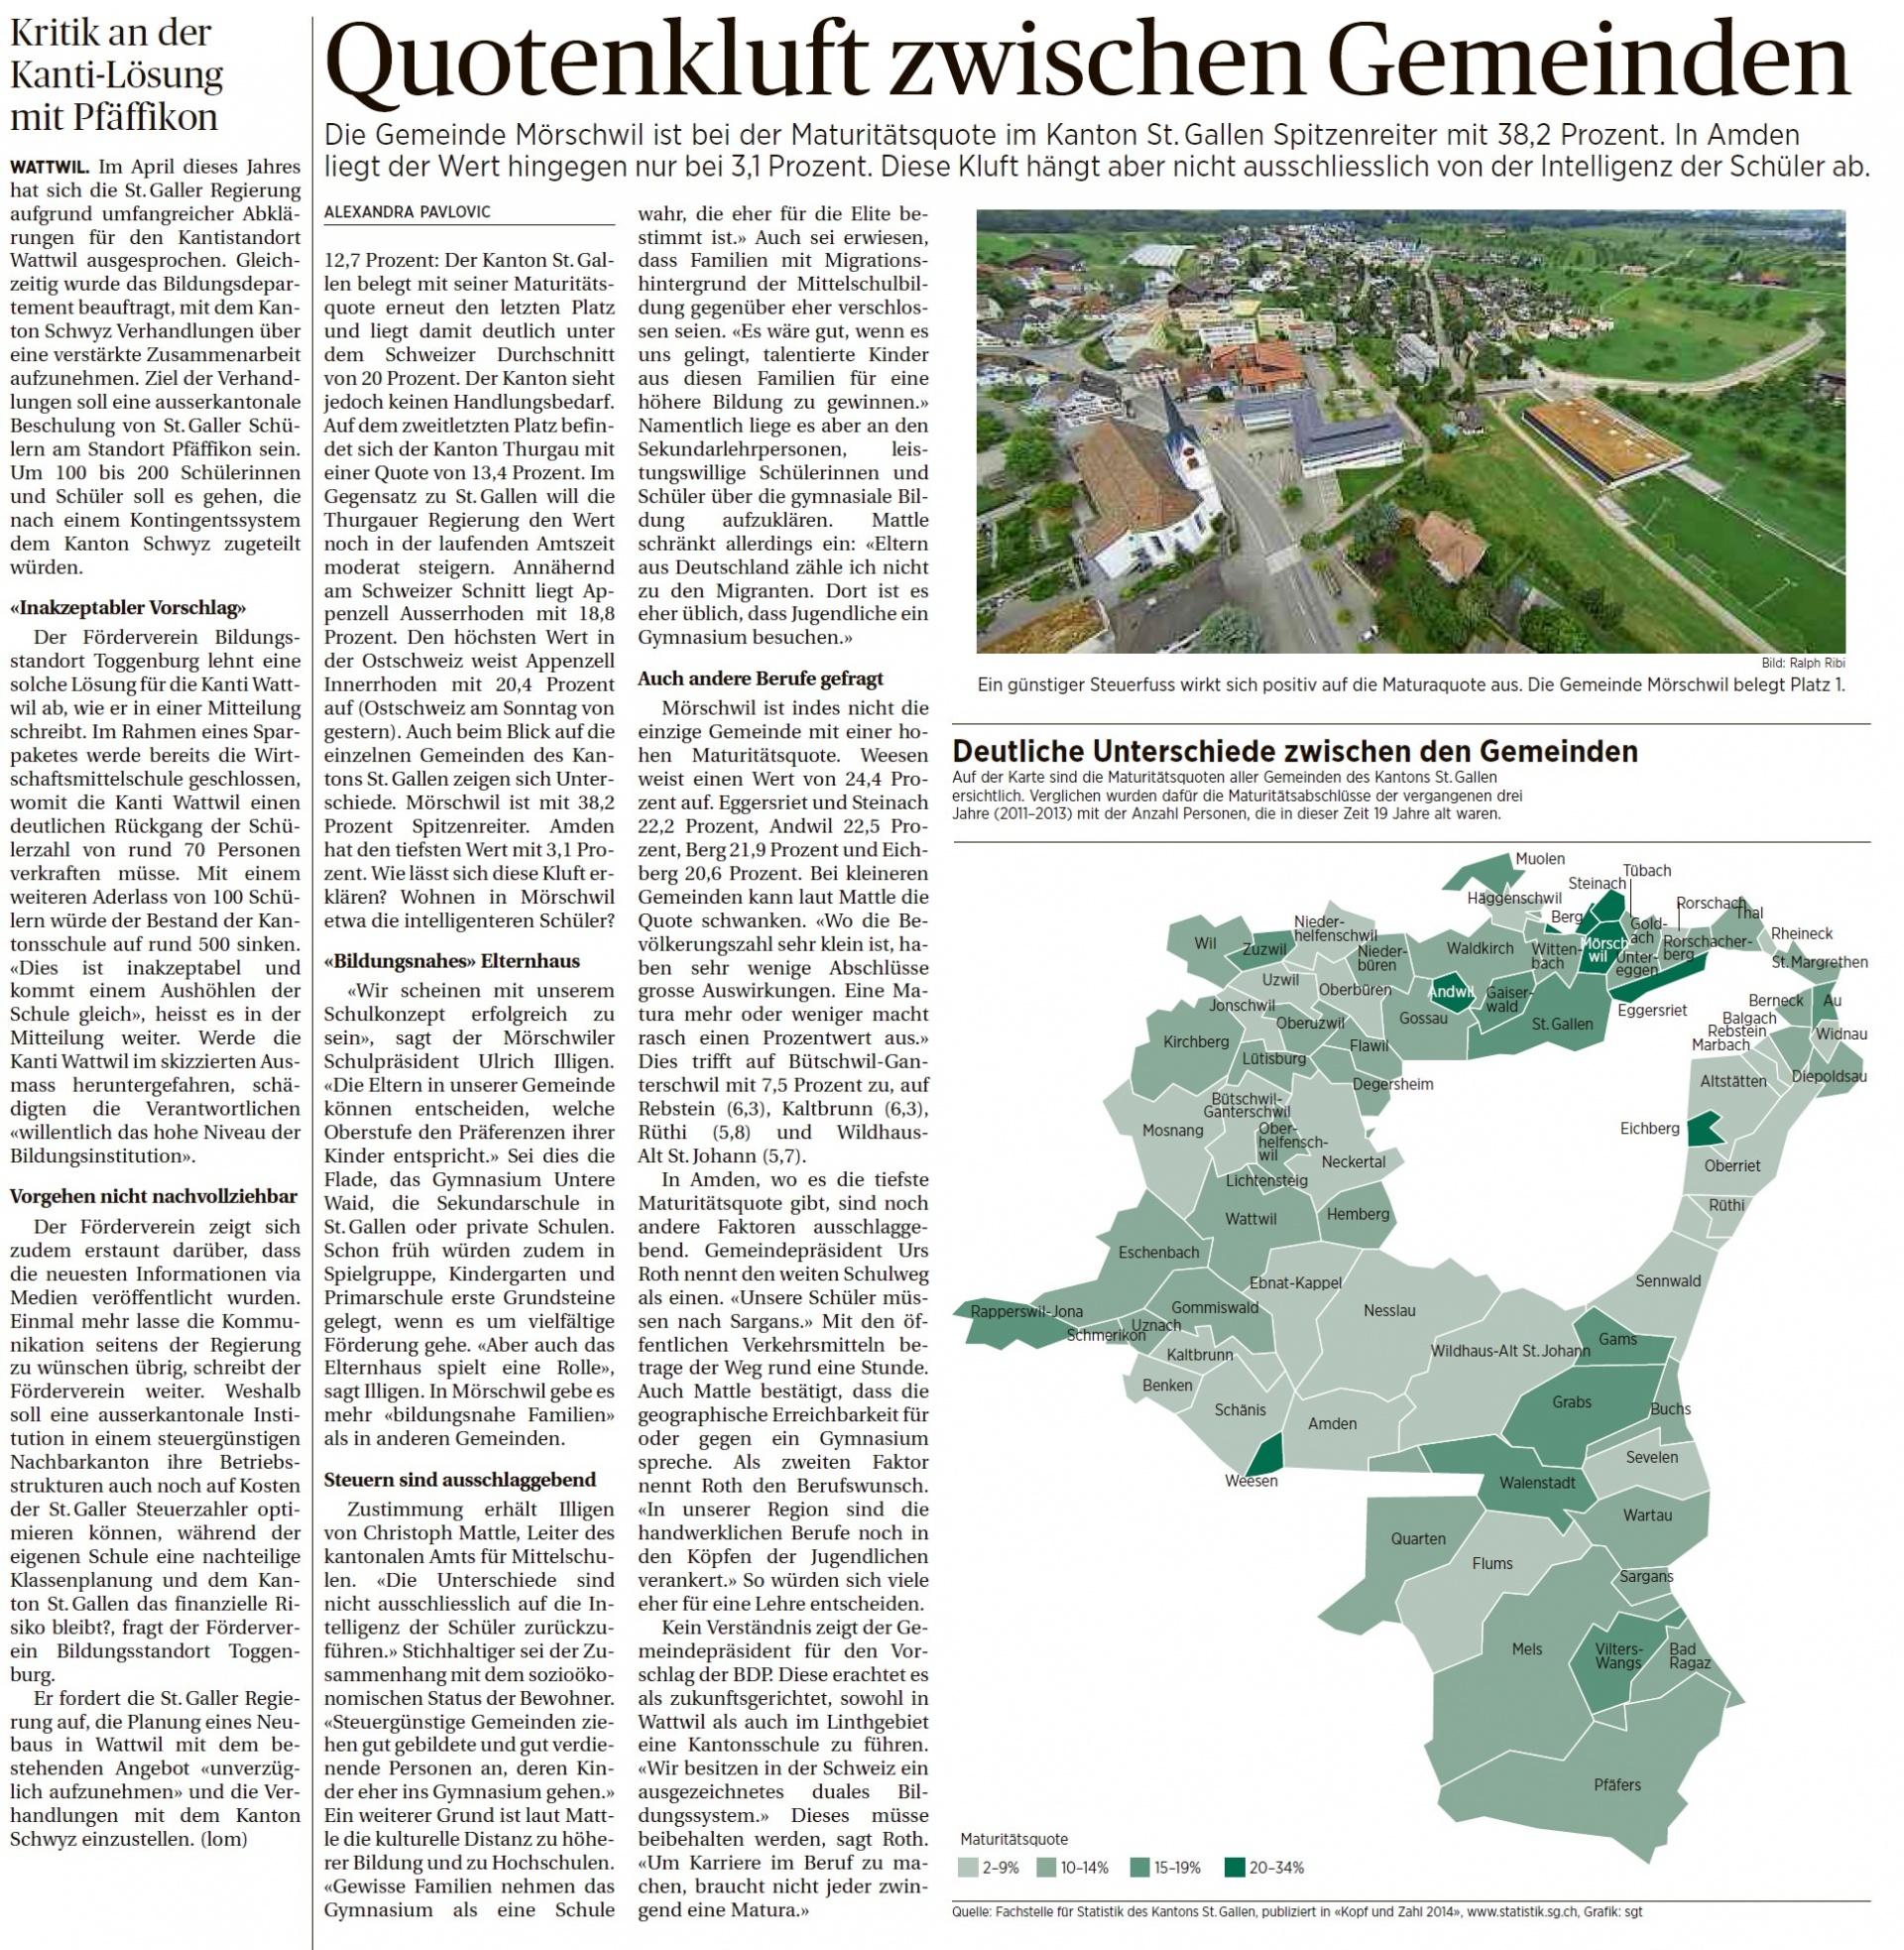 Kritik an der Kanti-Lösung mit Pfäffikon (Montag, 06.10.2014)